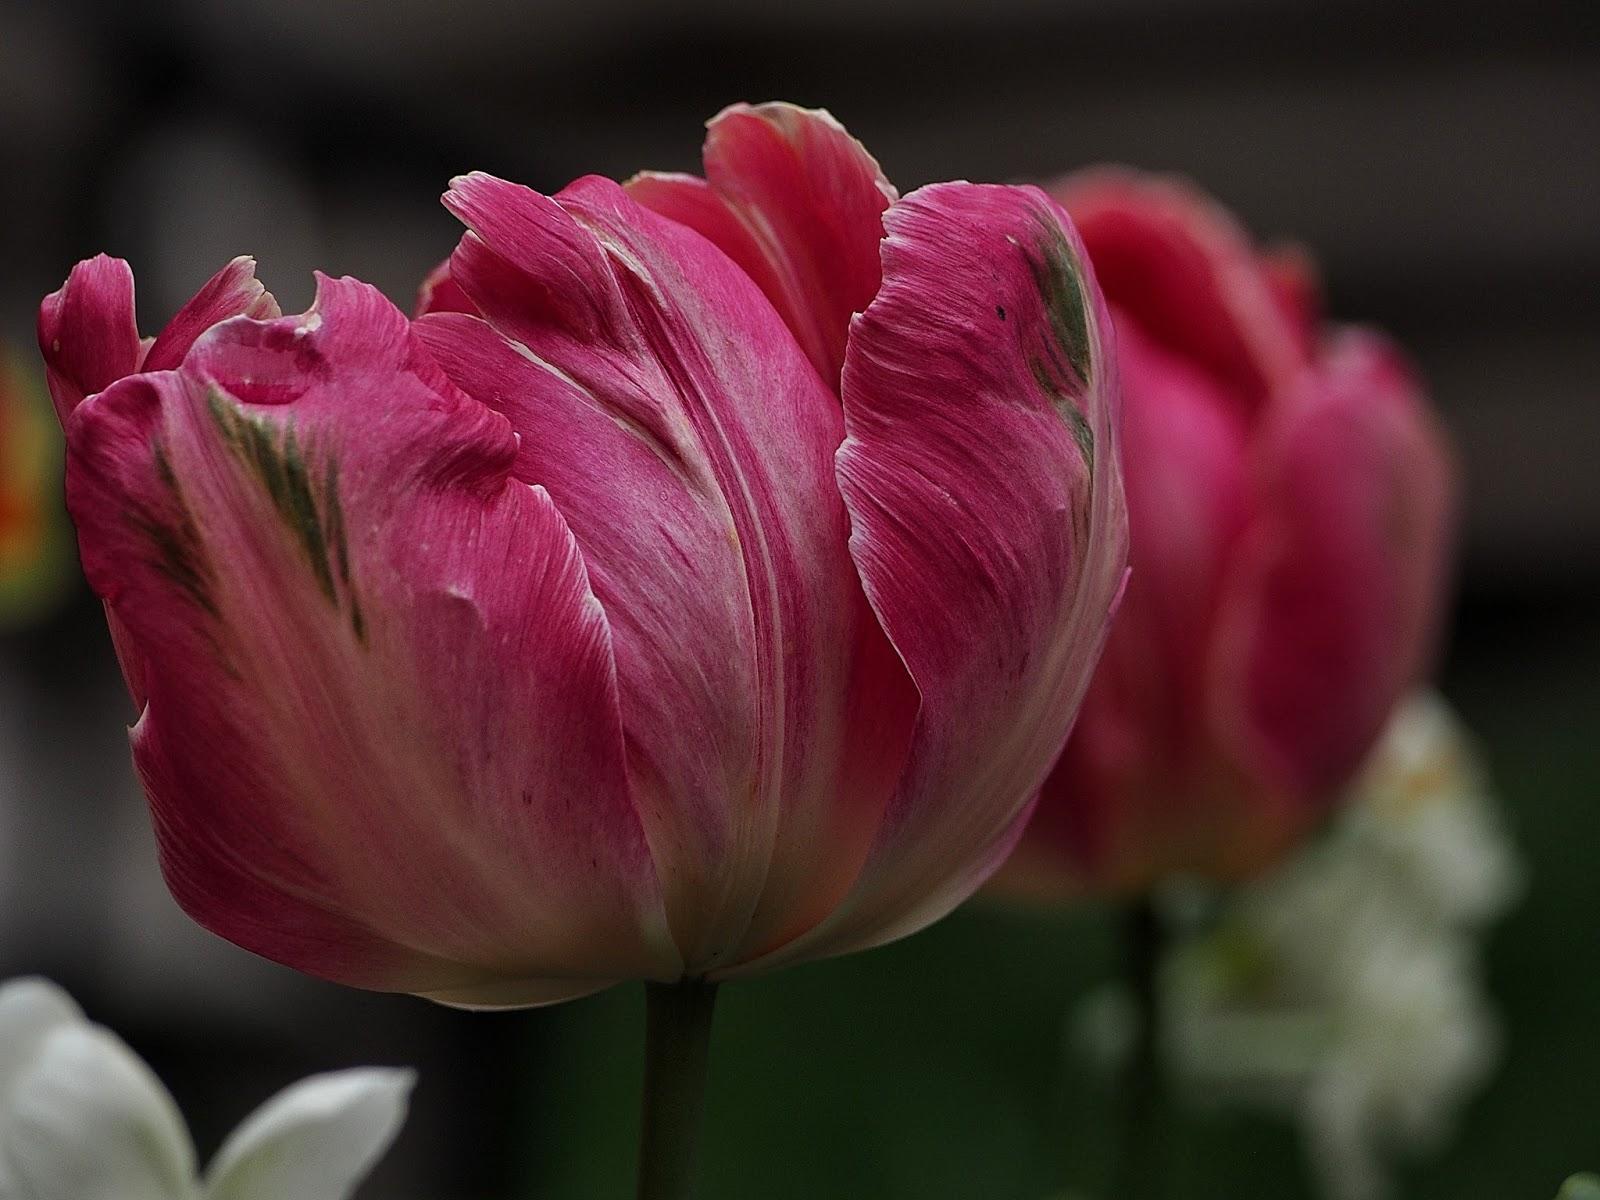 Parrot Tulip - Westside Community Garden #parrottulip #nyc #tulip #westsidecommunitygarden